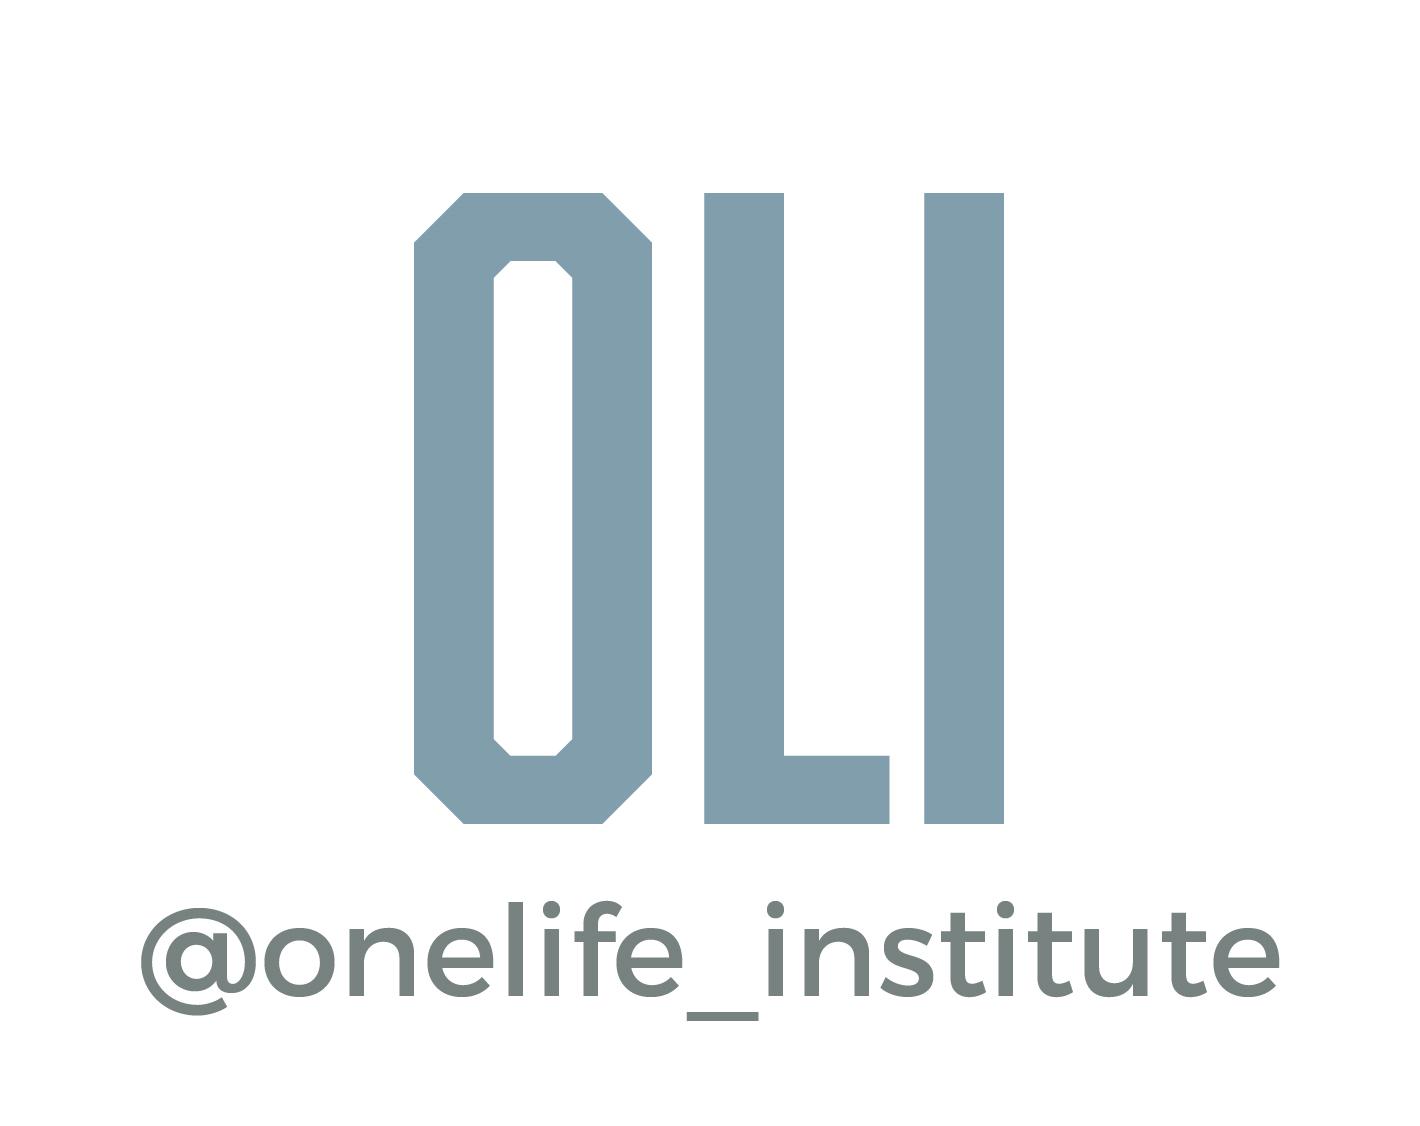 OneLife-Locations-Social-Media-06.jpg